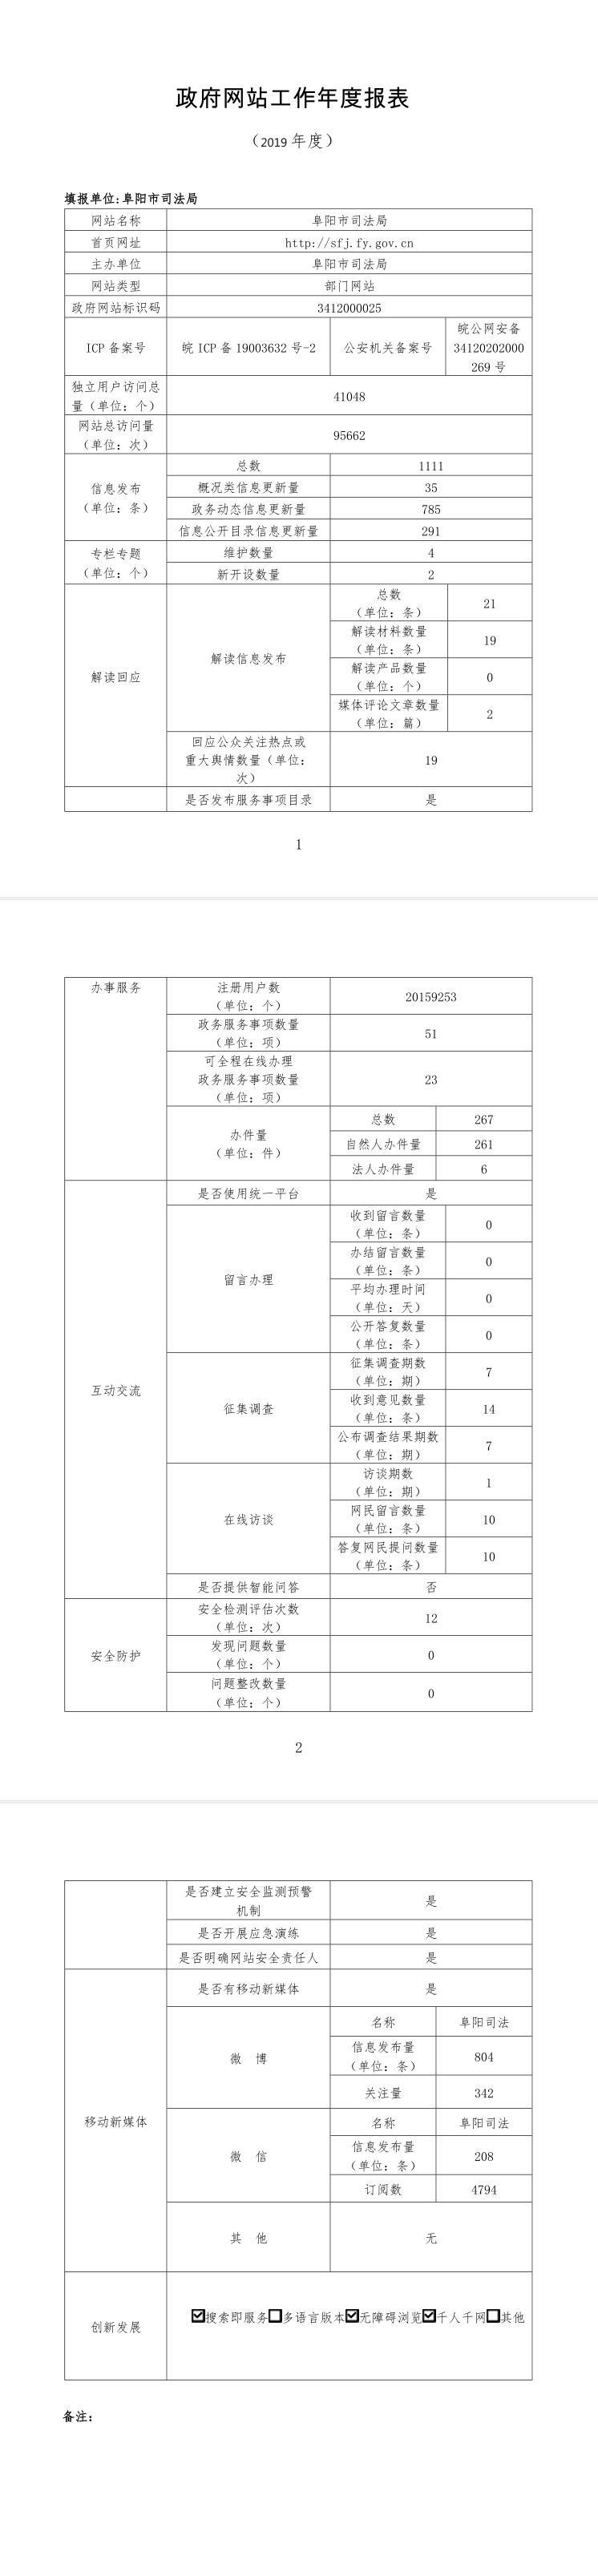 阜阳市司法局2019年政府网站工作报表.jpg